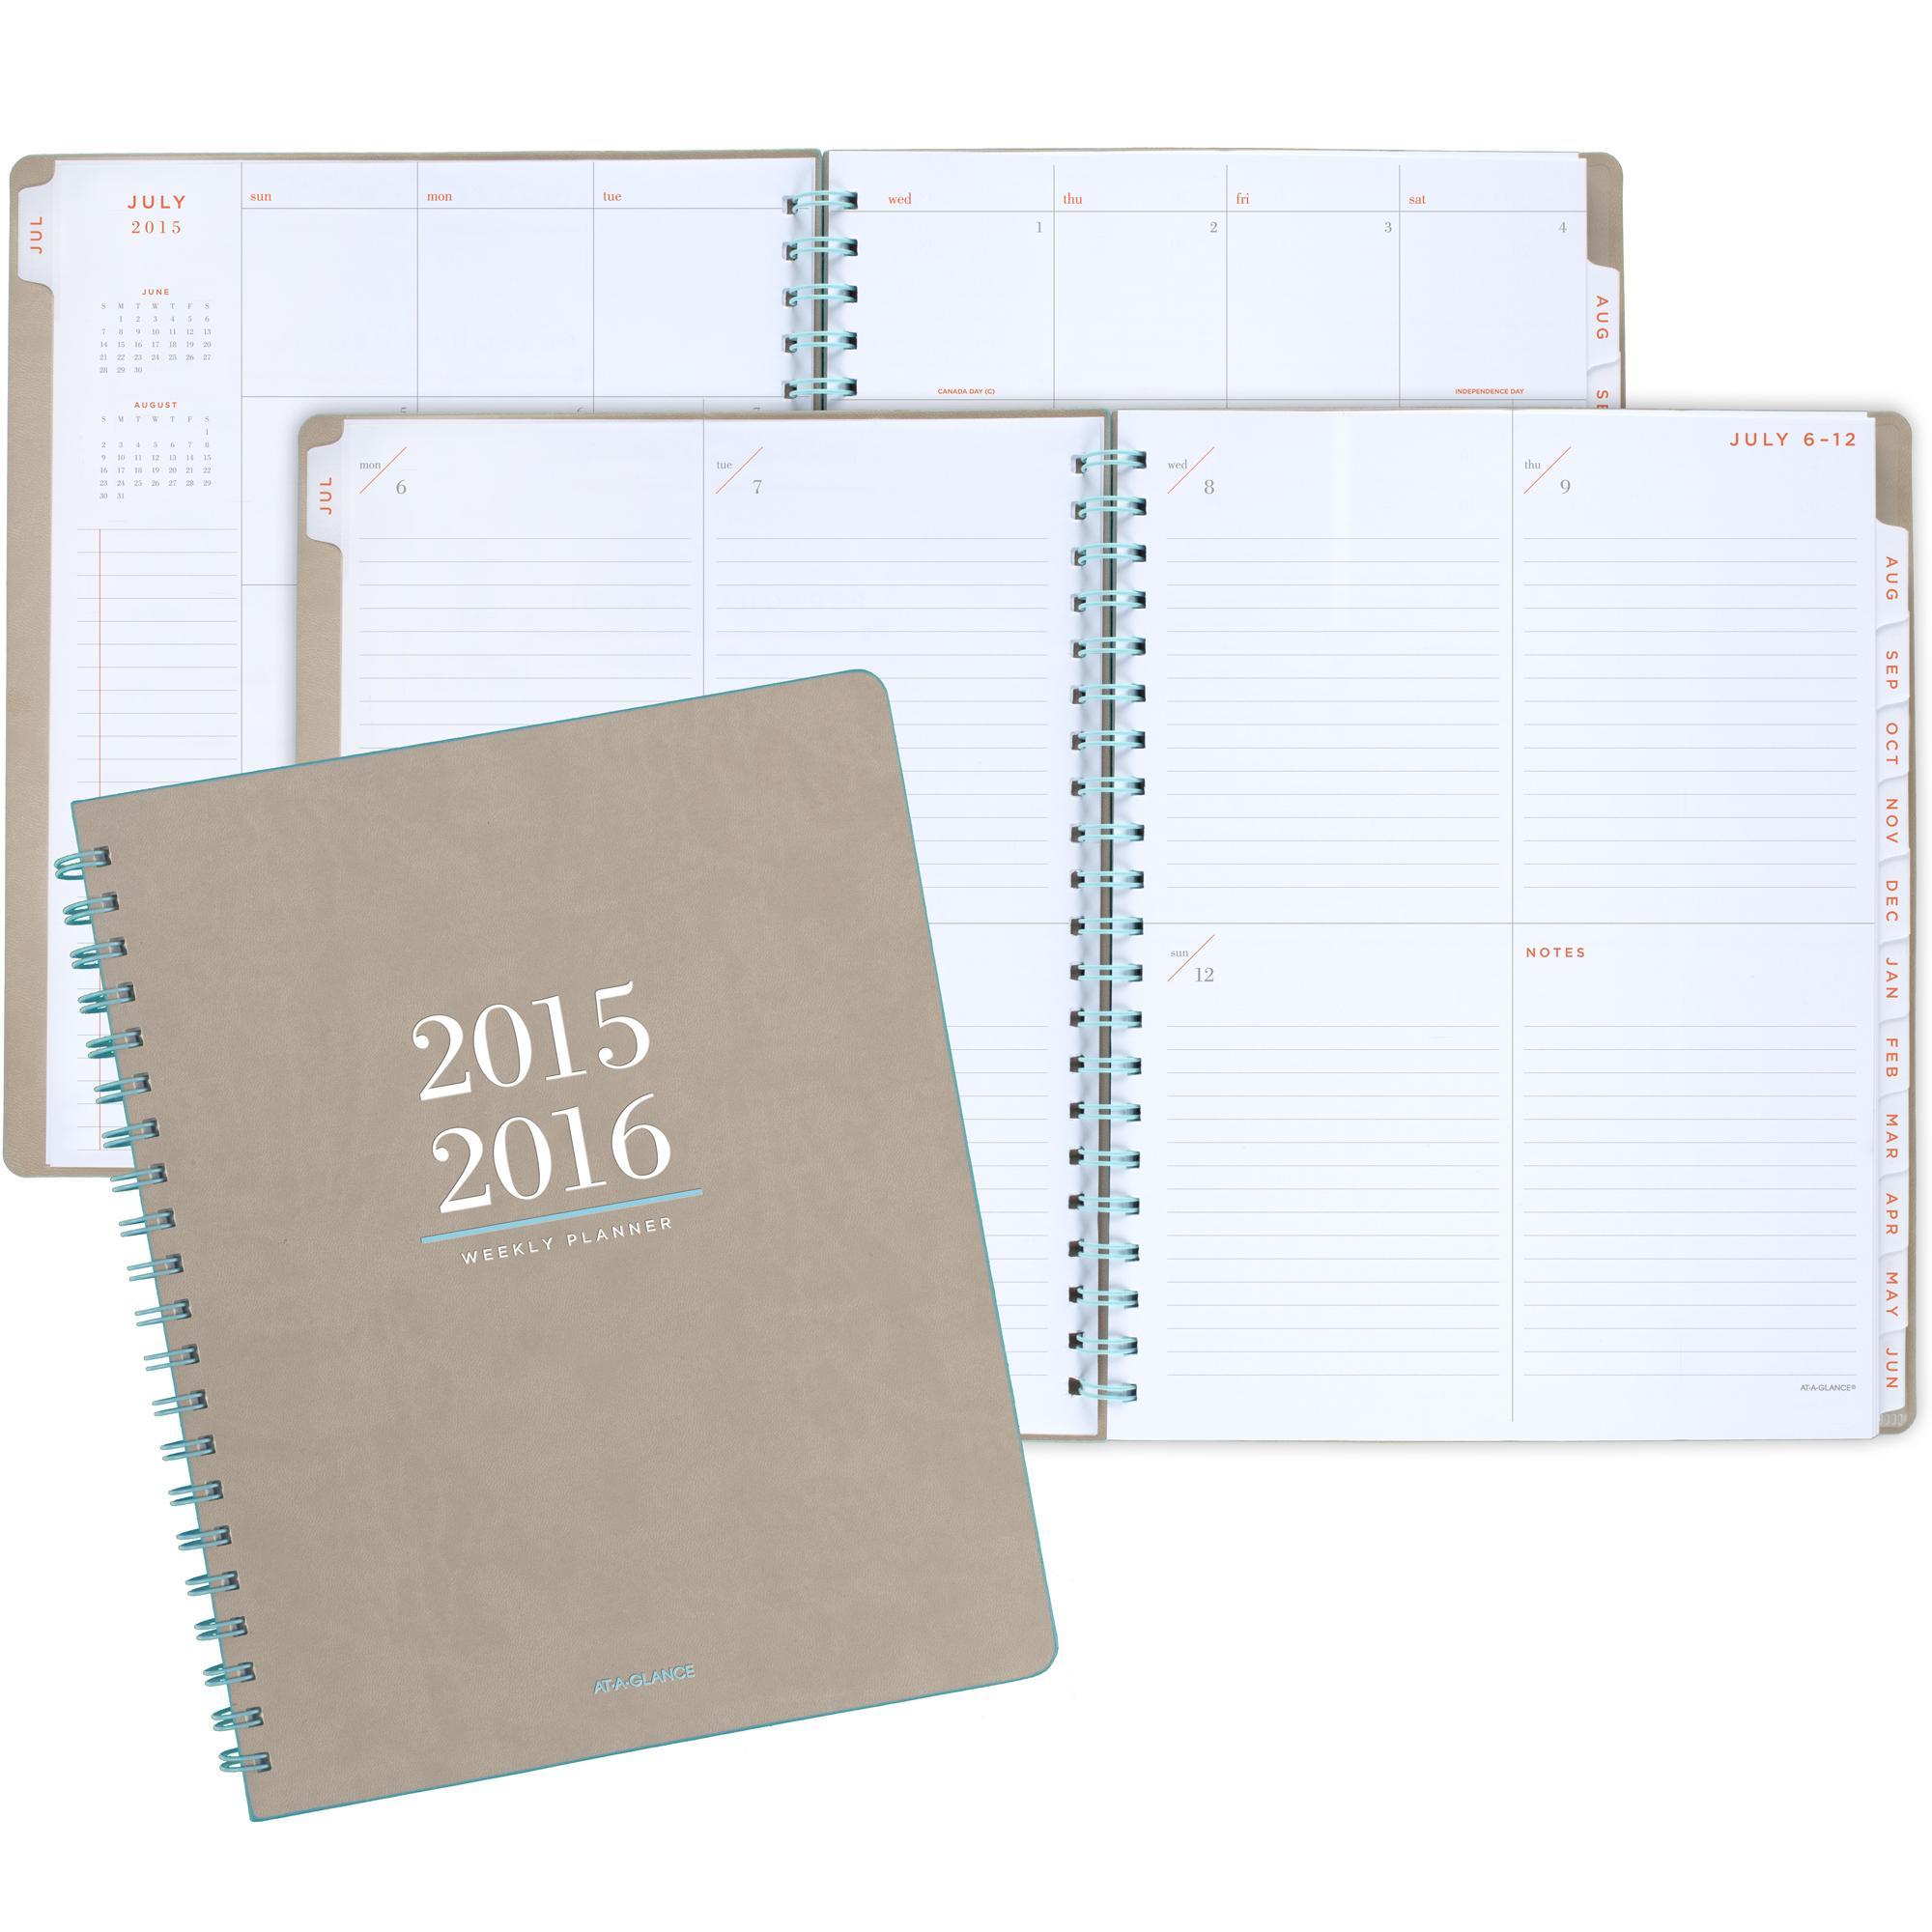 Calendar Planner Cover : Calendar one page car interior design